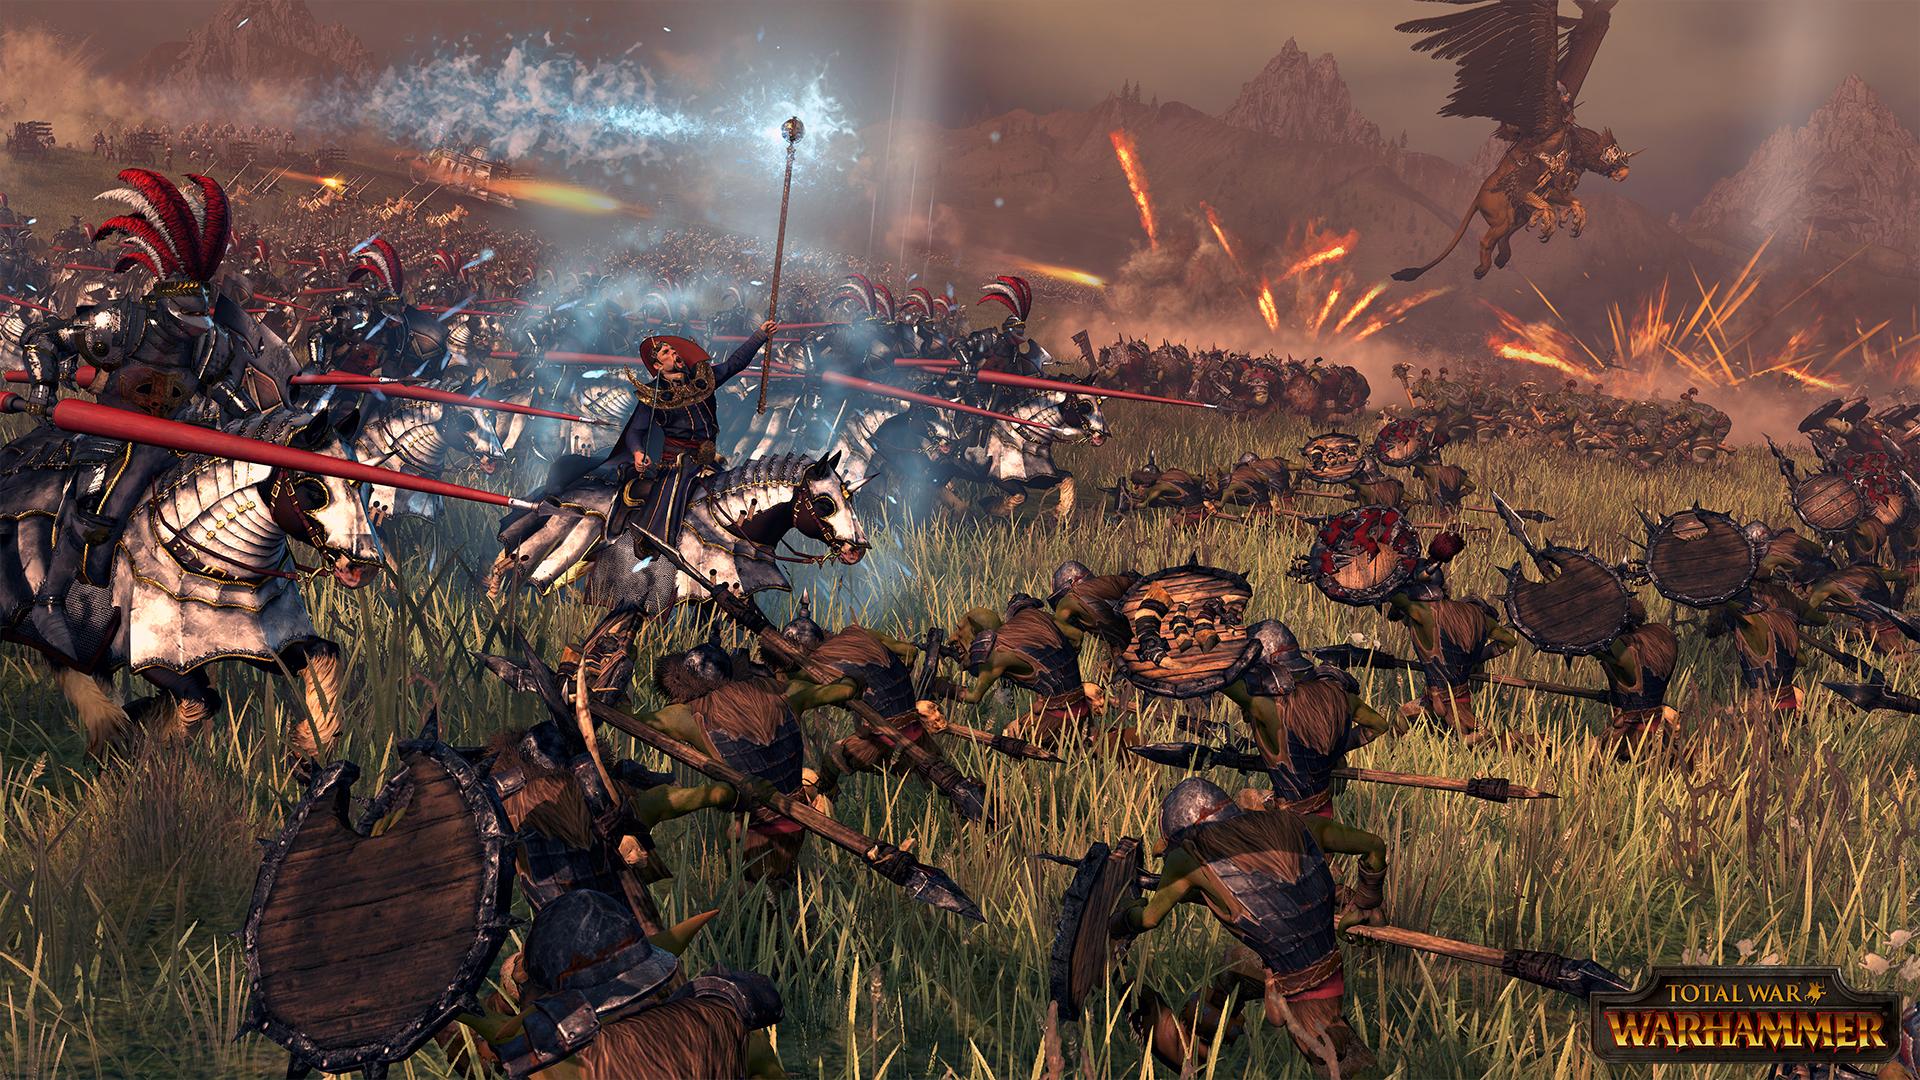 Free Total War Warhammer Wallpapers 1920x1080